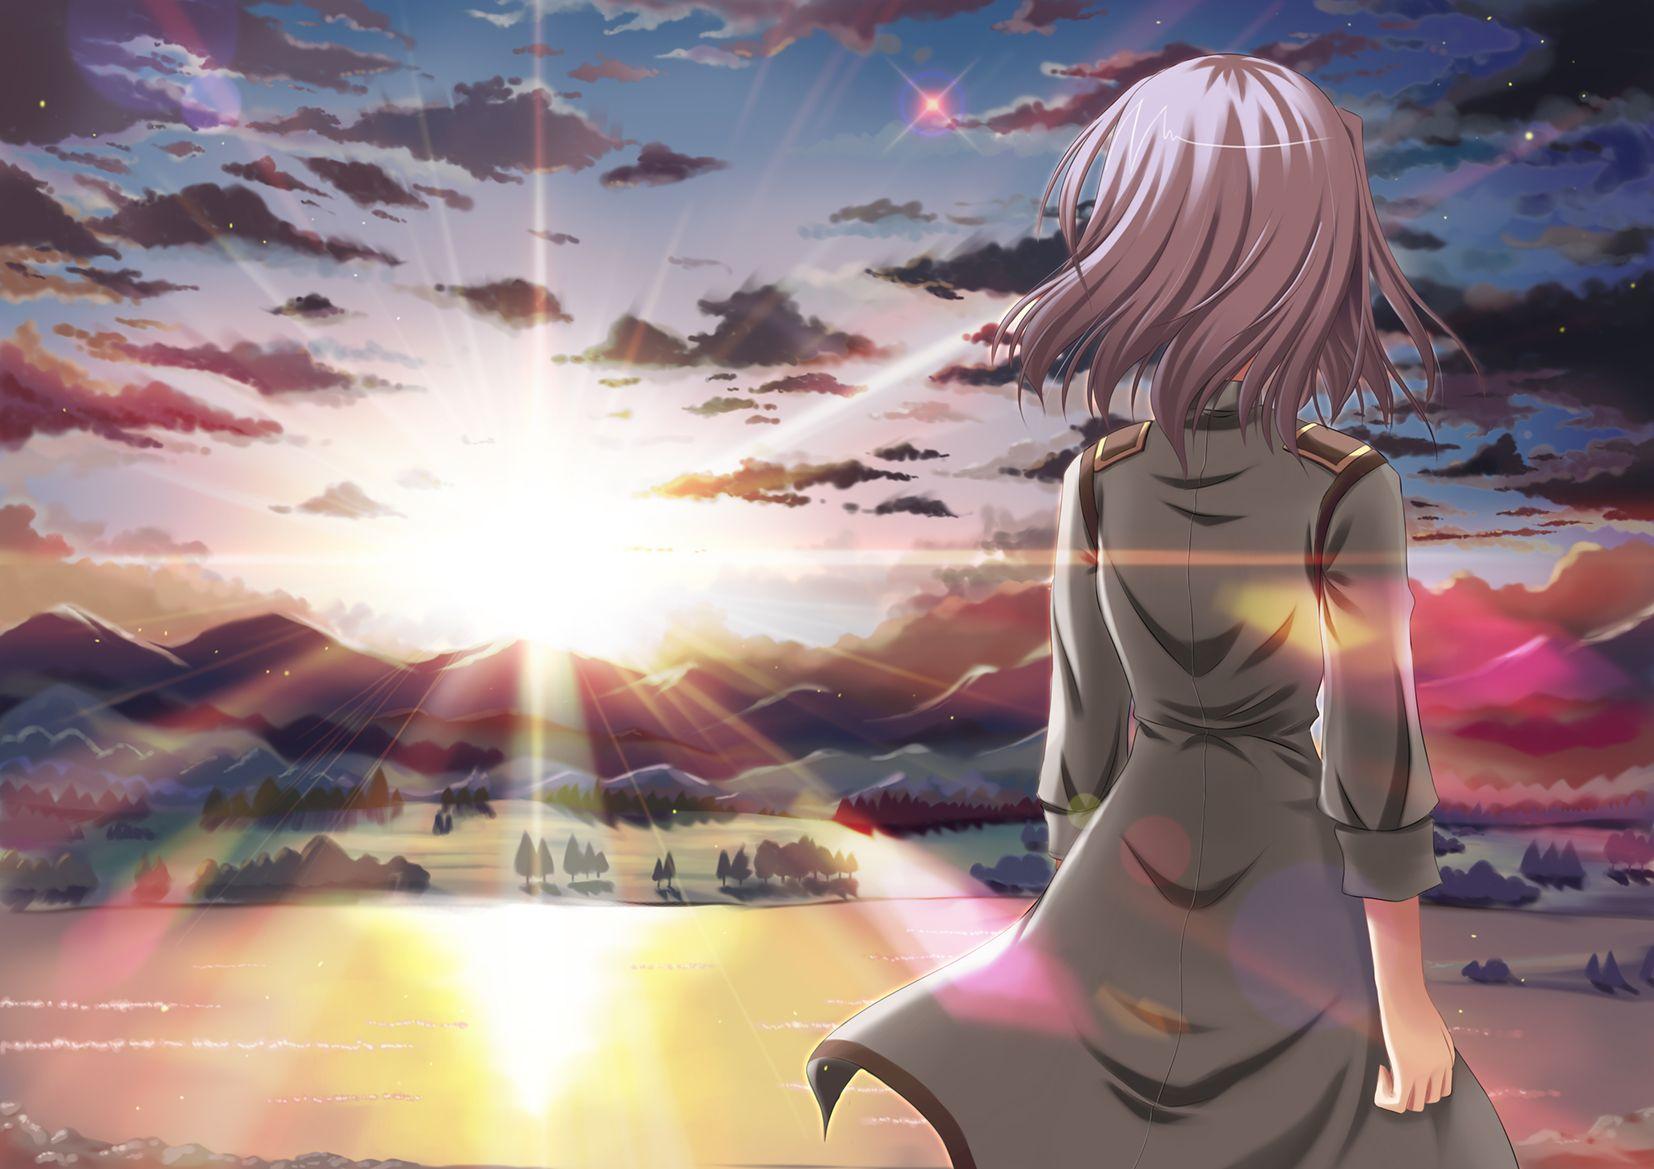 Konachan.com - 60321 eden sunset